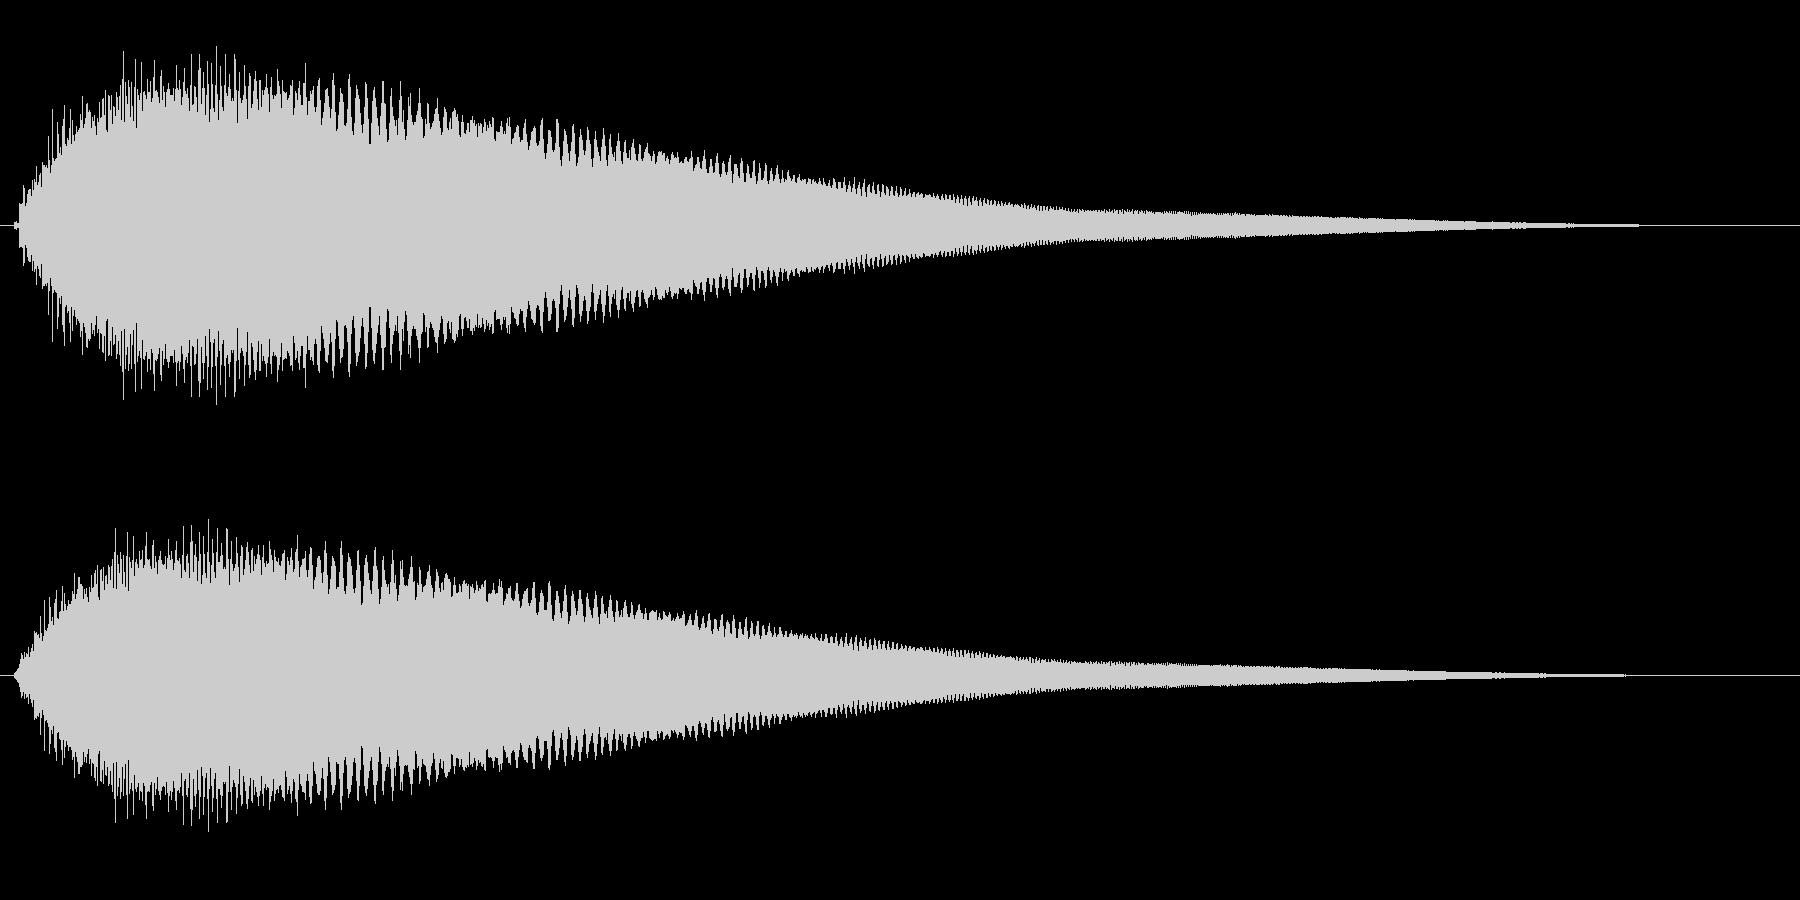 キュオーン(ワープ効果または警告音)の未再生の波形